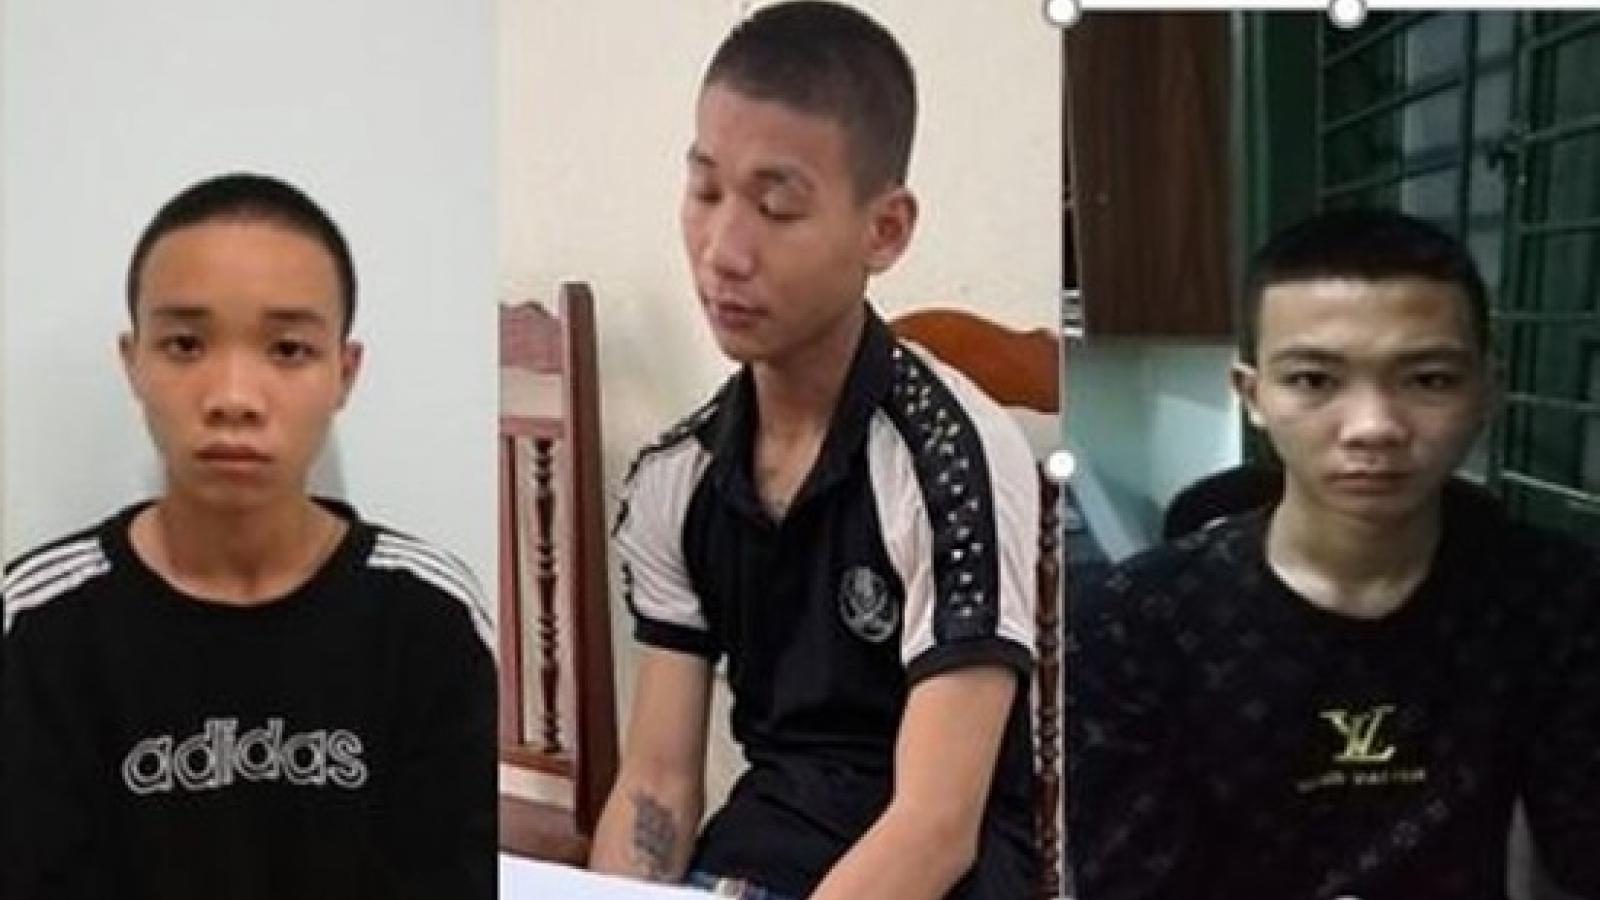 """Chiêu thức kỳ lạ của băng cướp """"nhí"""" tấn công hàng loạt nạn nhân tại Hà Nội"""